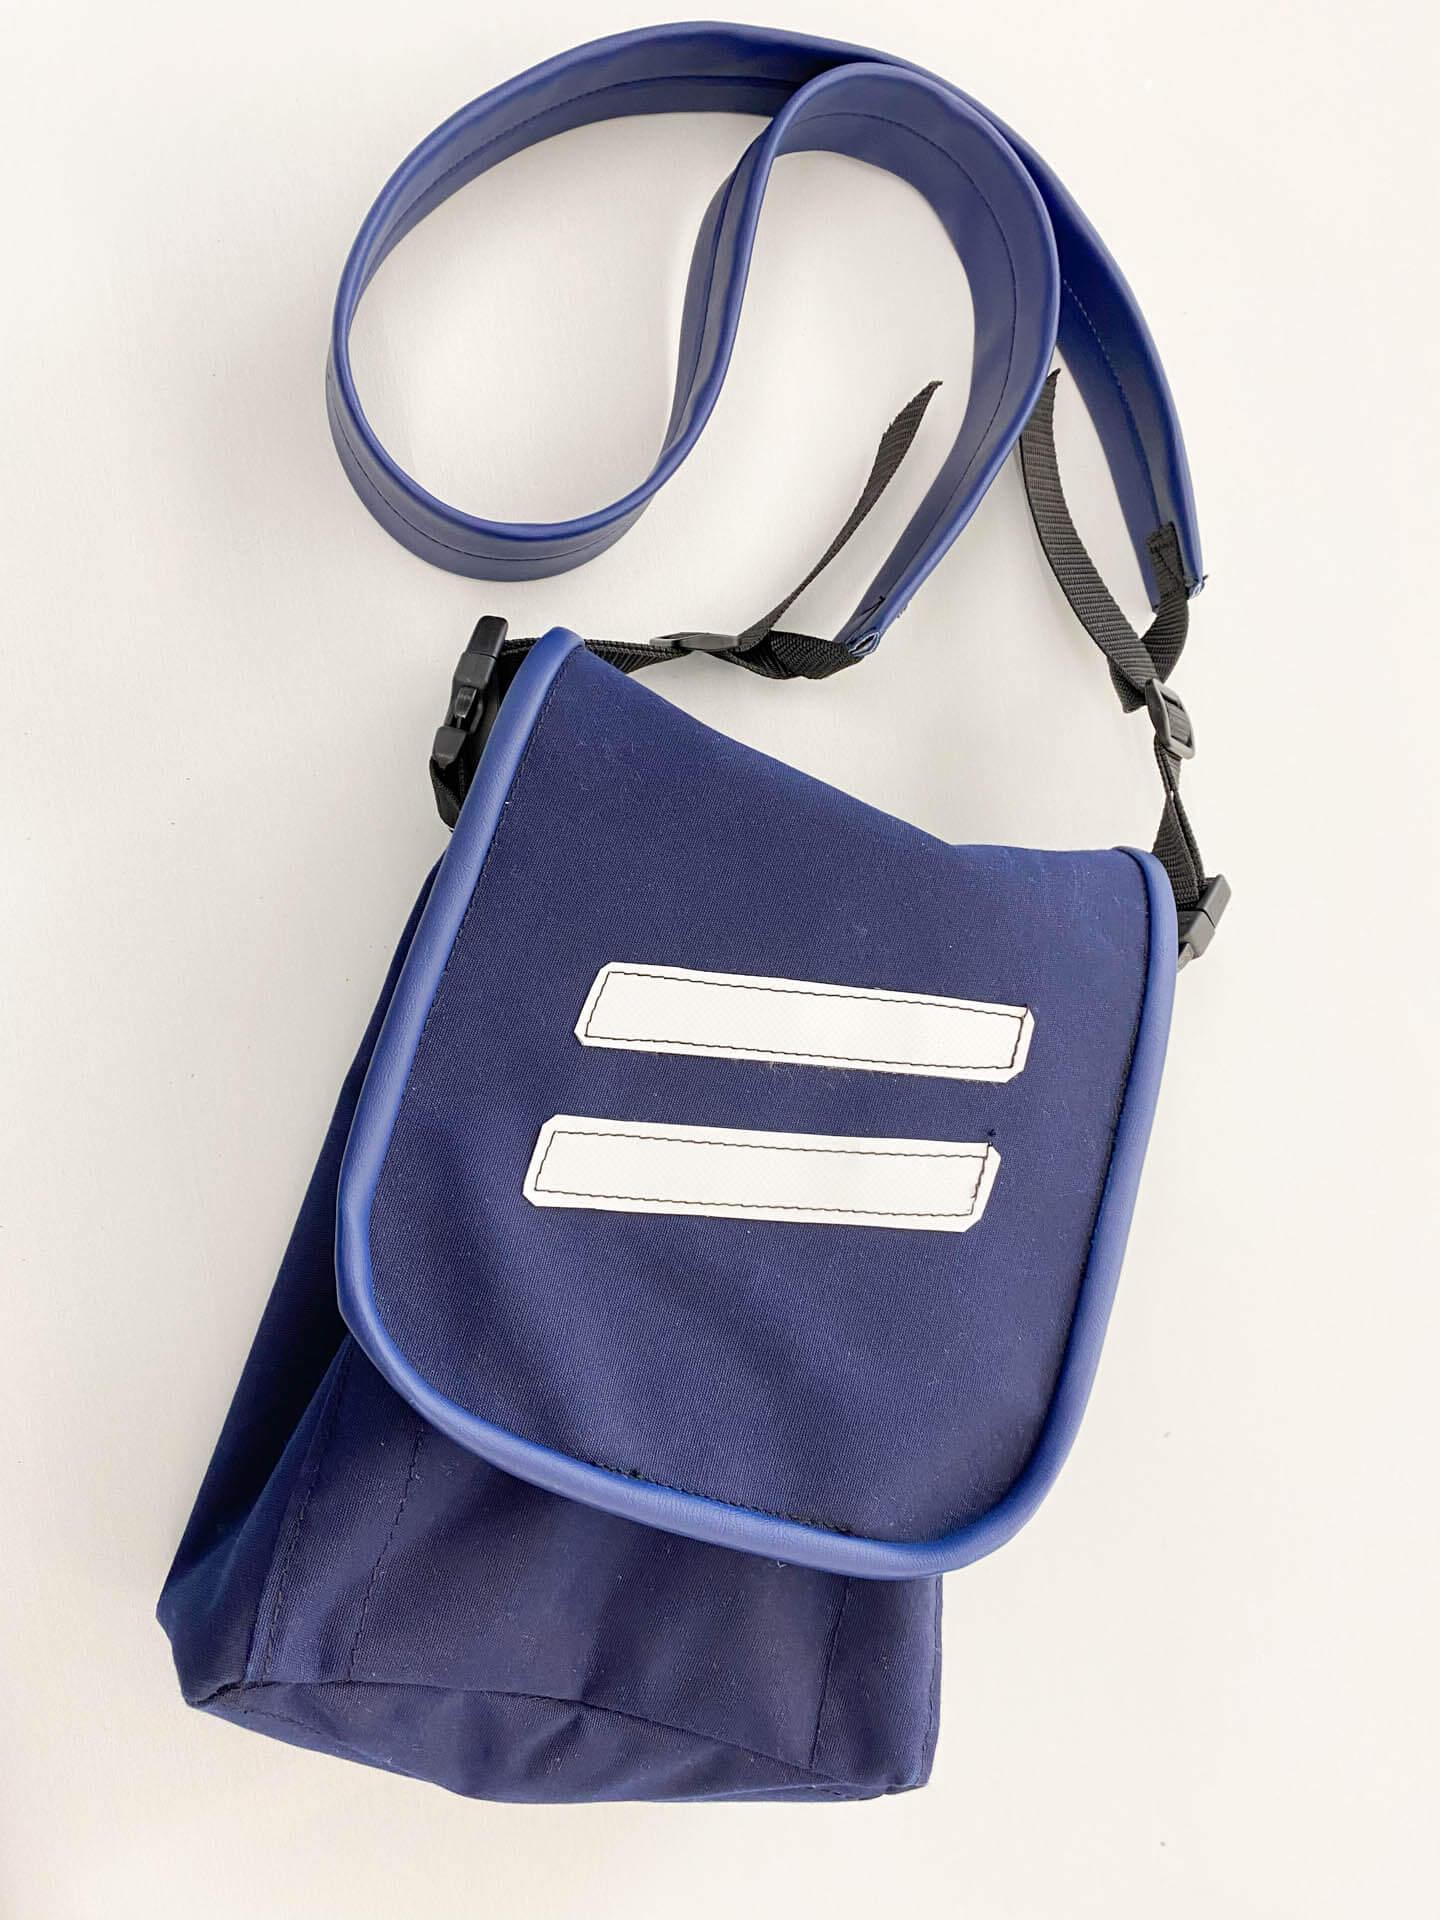 Blaue Umhängetasche mit weißen Streifen und Gurt